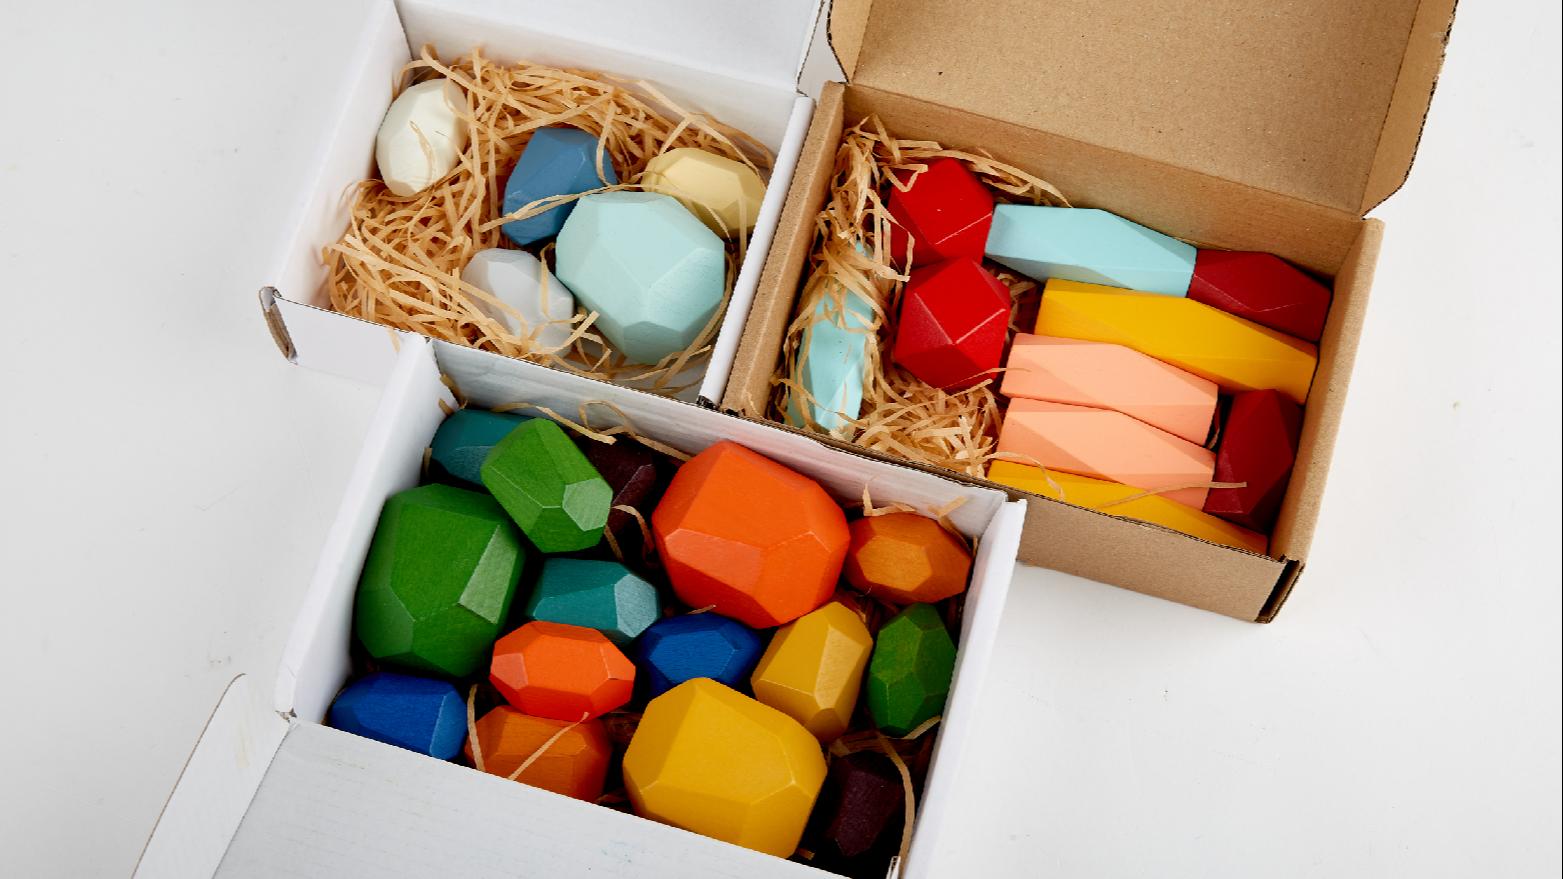 ชุดของขวัญสำหรับเด็ก,ชุดหินสีรุ้งของเล่นไม้บล็อคสร้างสมดุลย์มอนเตสซอรี่ของเล่นไม้ซ้อนกัน